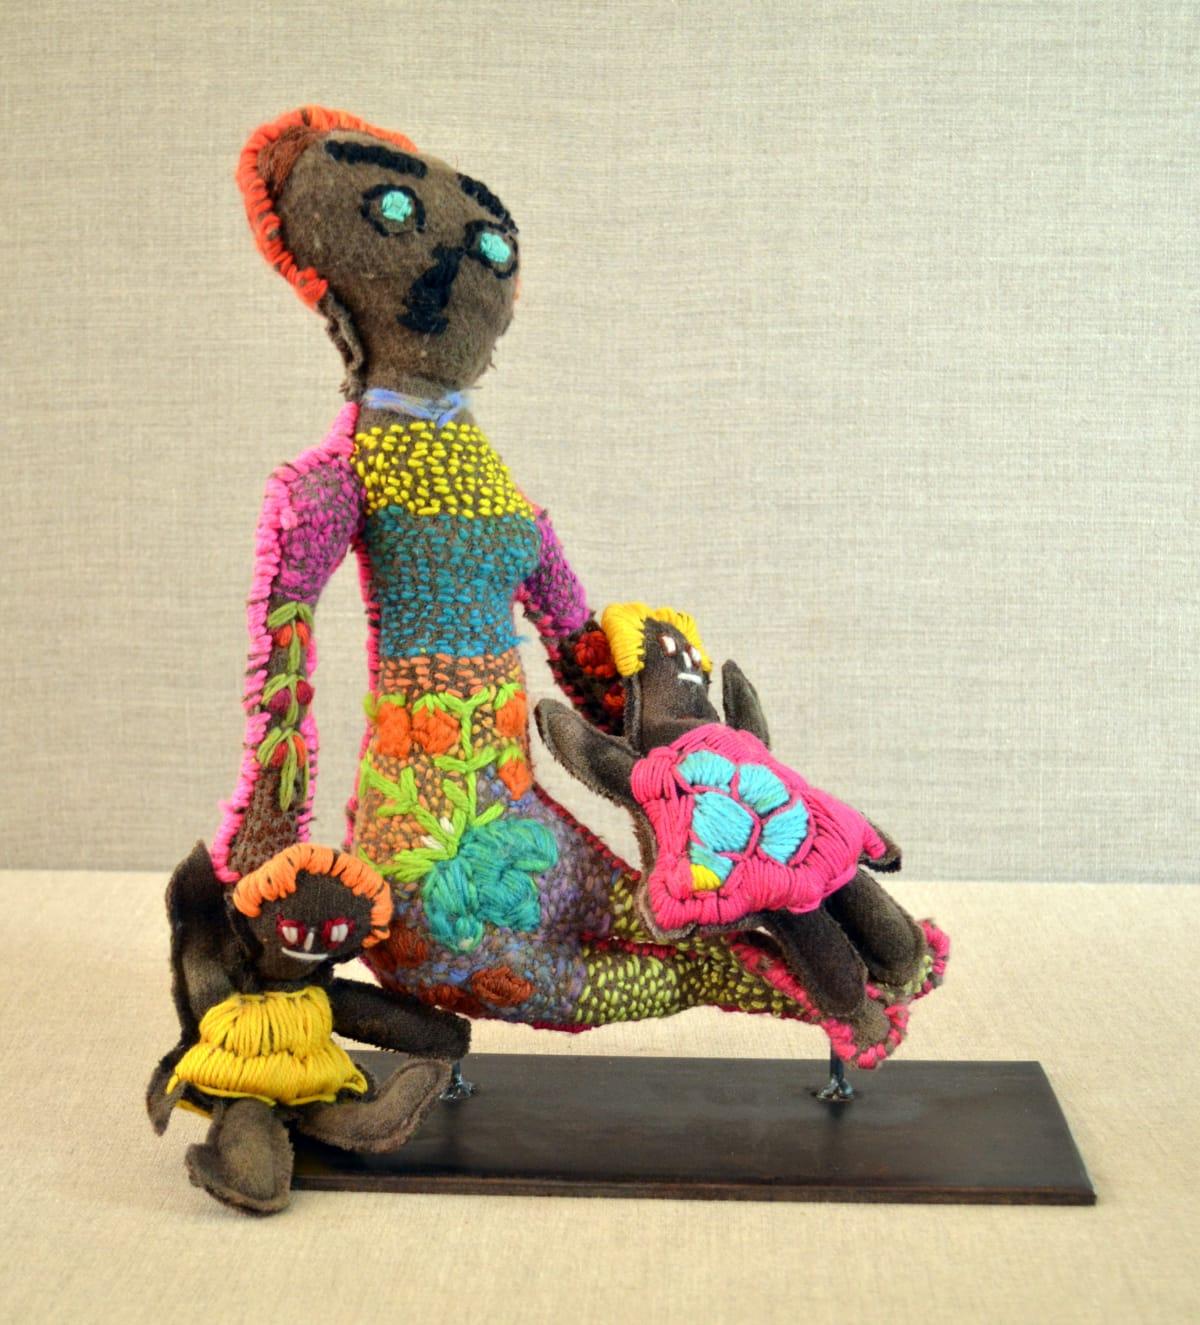 Dulcie Raggett The children always come first Soft Sculpture 35 x 33 x 8 cm